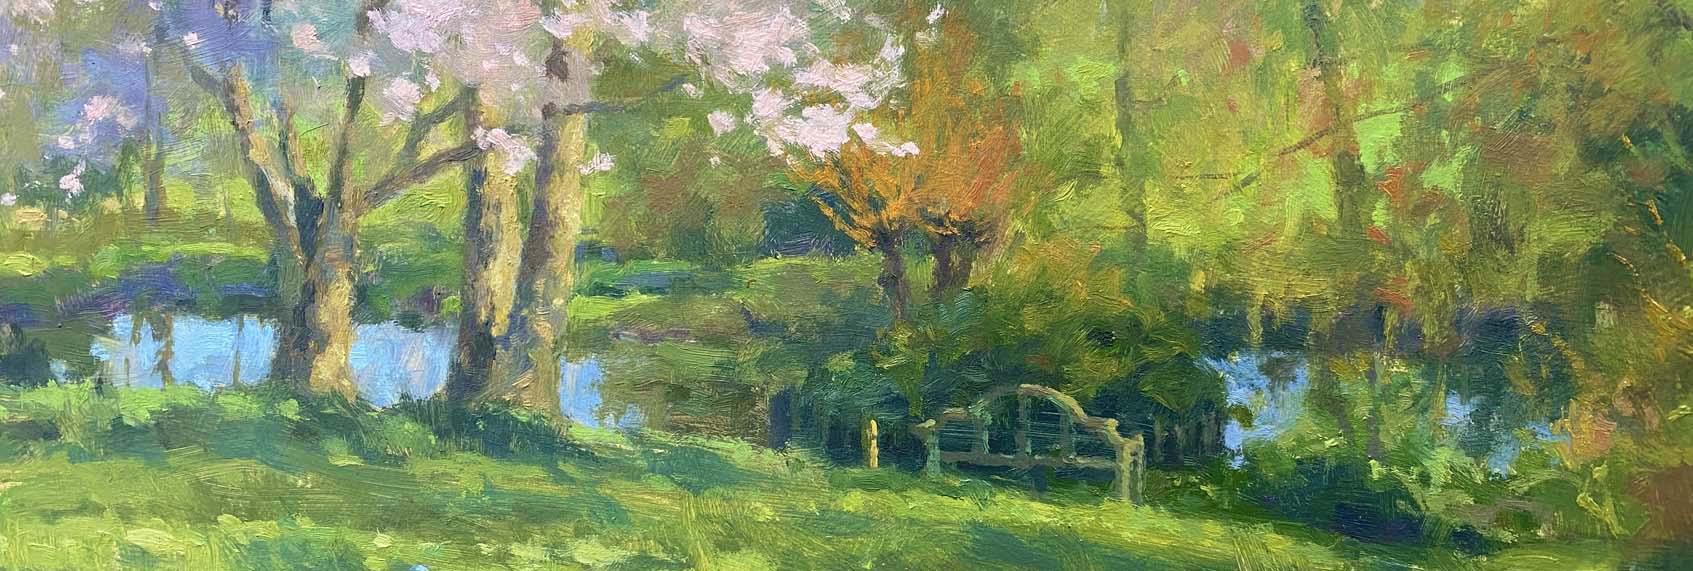 Pond in Spring3